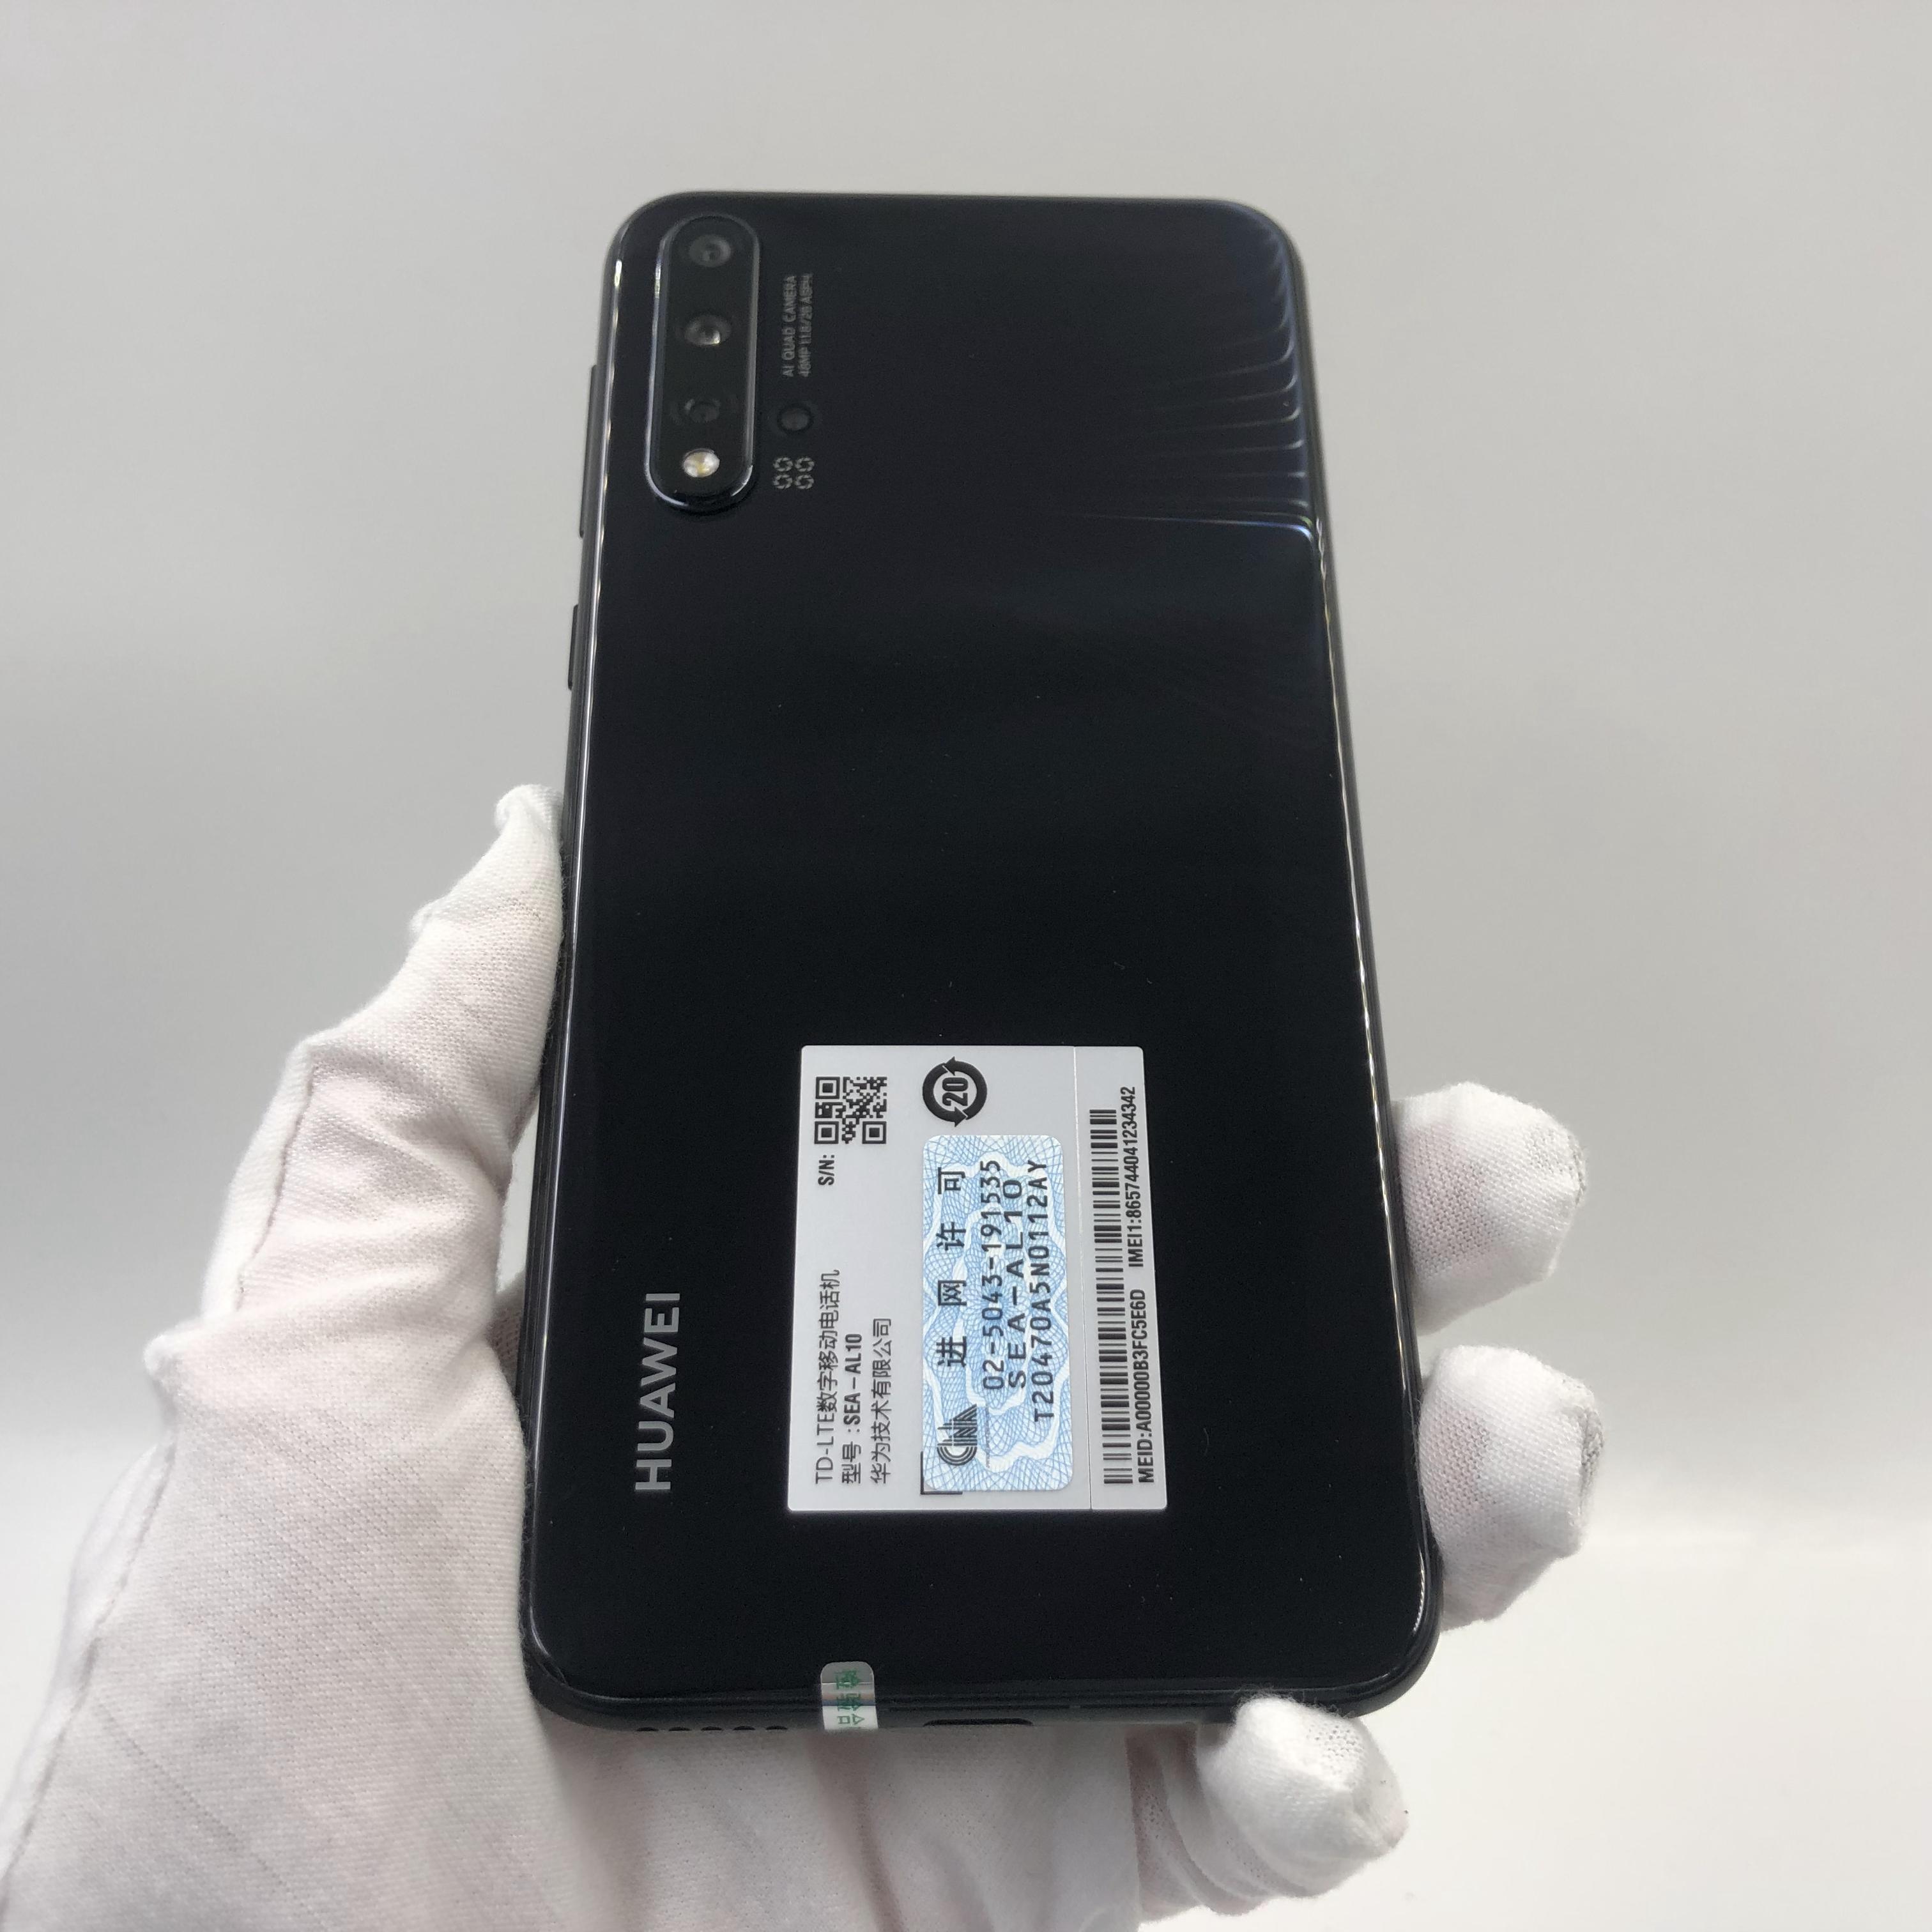 华为【Nova 5 Pro】4G全网通 亮黑色 8G/128G 国行 95新 真机实拍